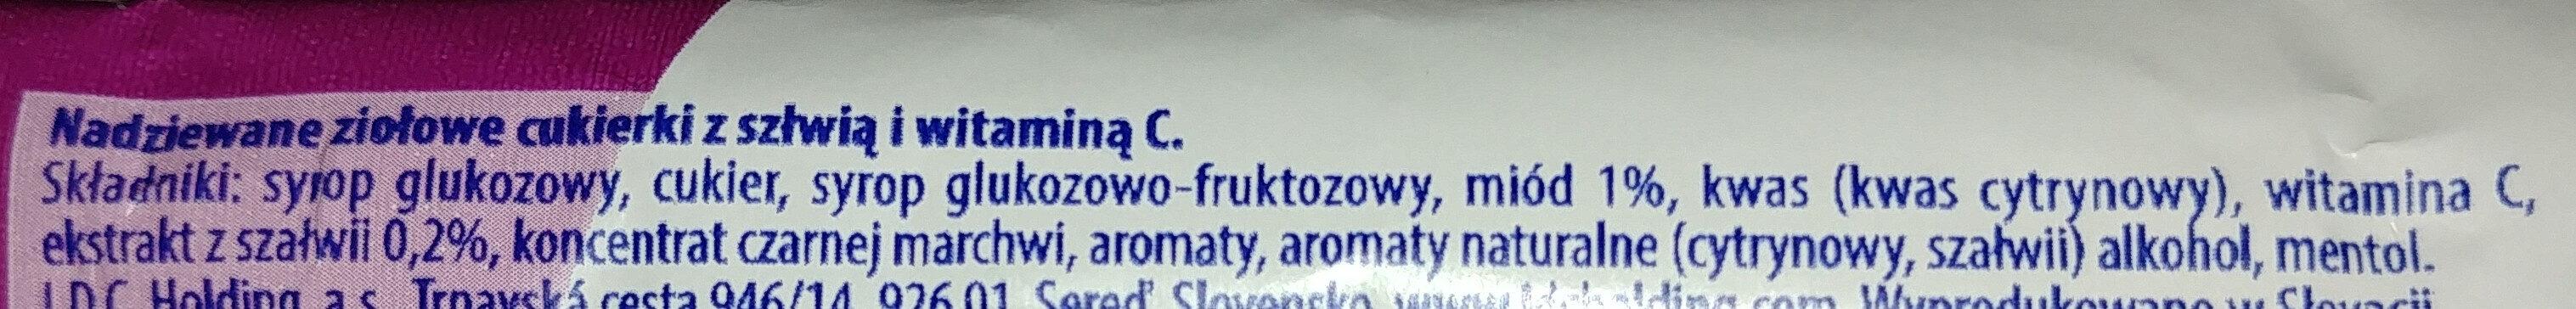 Nadziewane ziołowe cukierki z szałwią i Wit. C - Składniki - pl